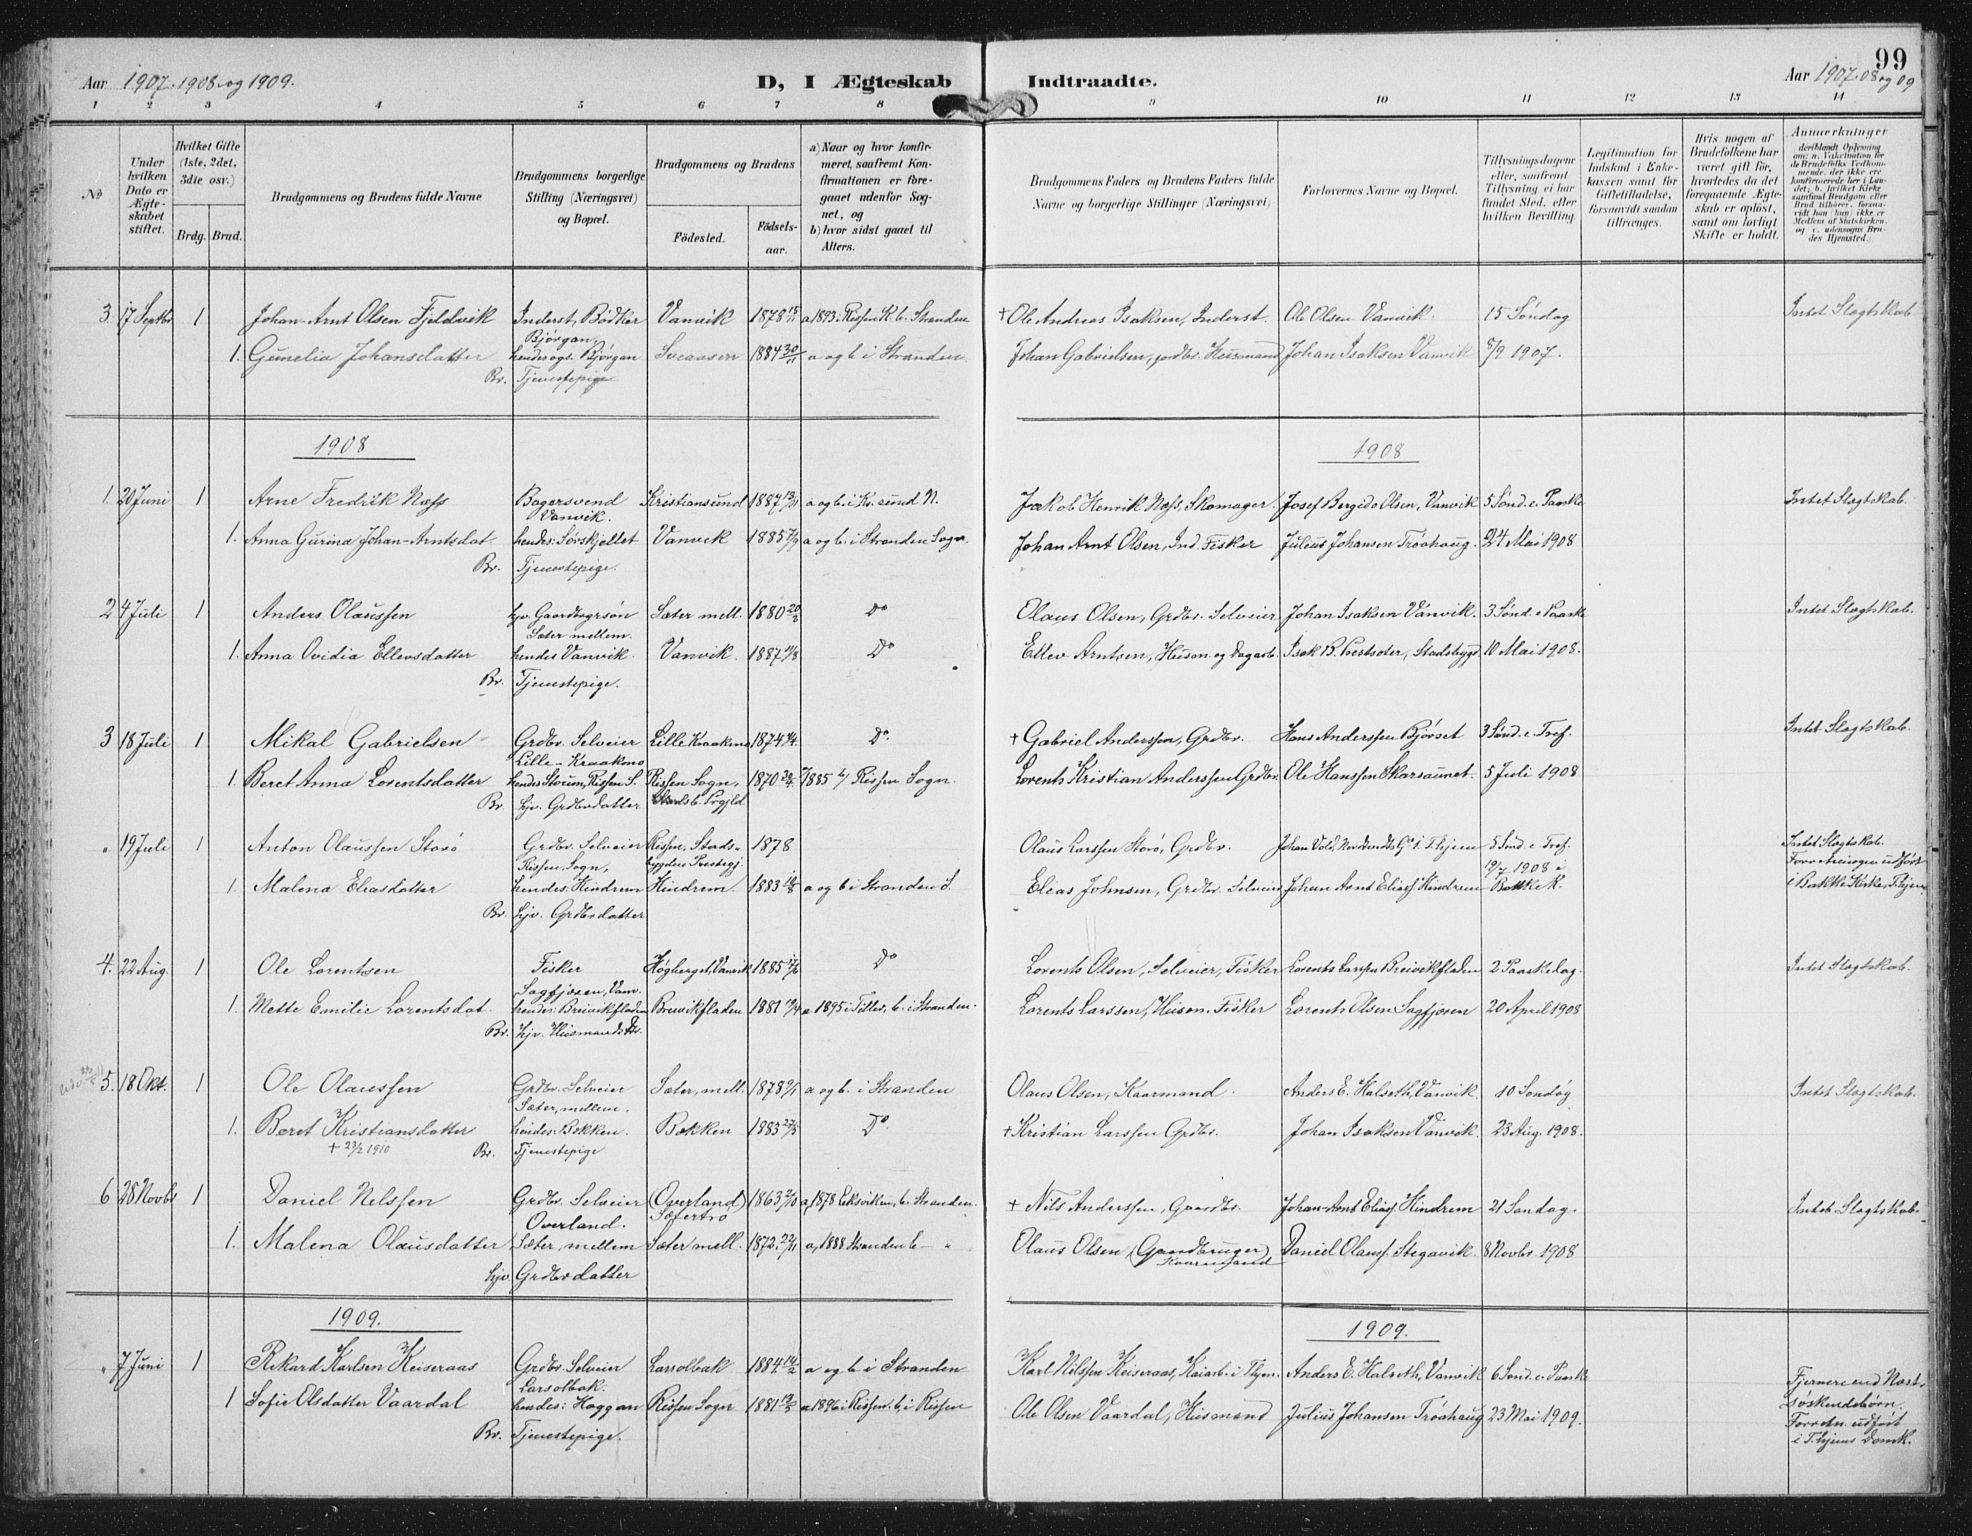 SAT, Ministerialprotokoller, klokkerbøker og fødselsregistre - Nord-Trøndelag, 702/L0024: Ministerialbok nr. 702A02, 1898-1914, s. 99